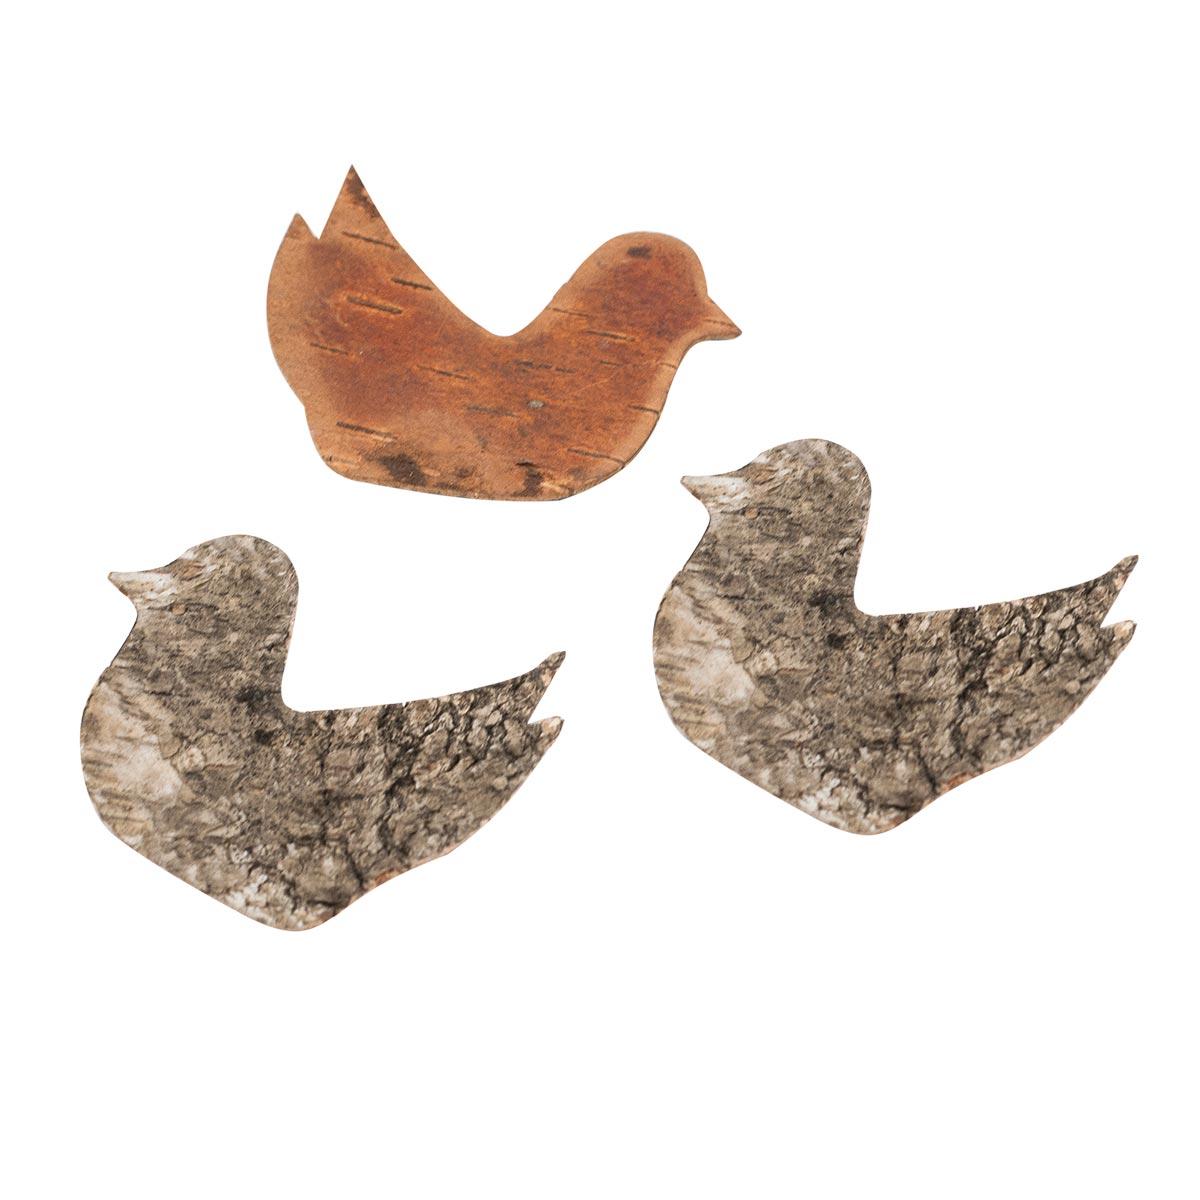 YW030 Декоративные элементы из коры дерева 'Птичка', 7*5см, 6шт/уп